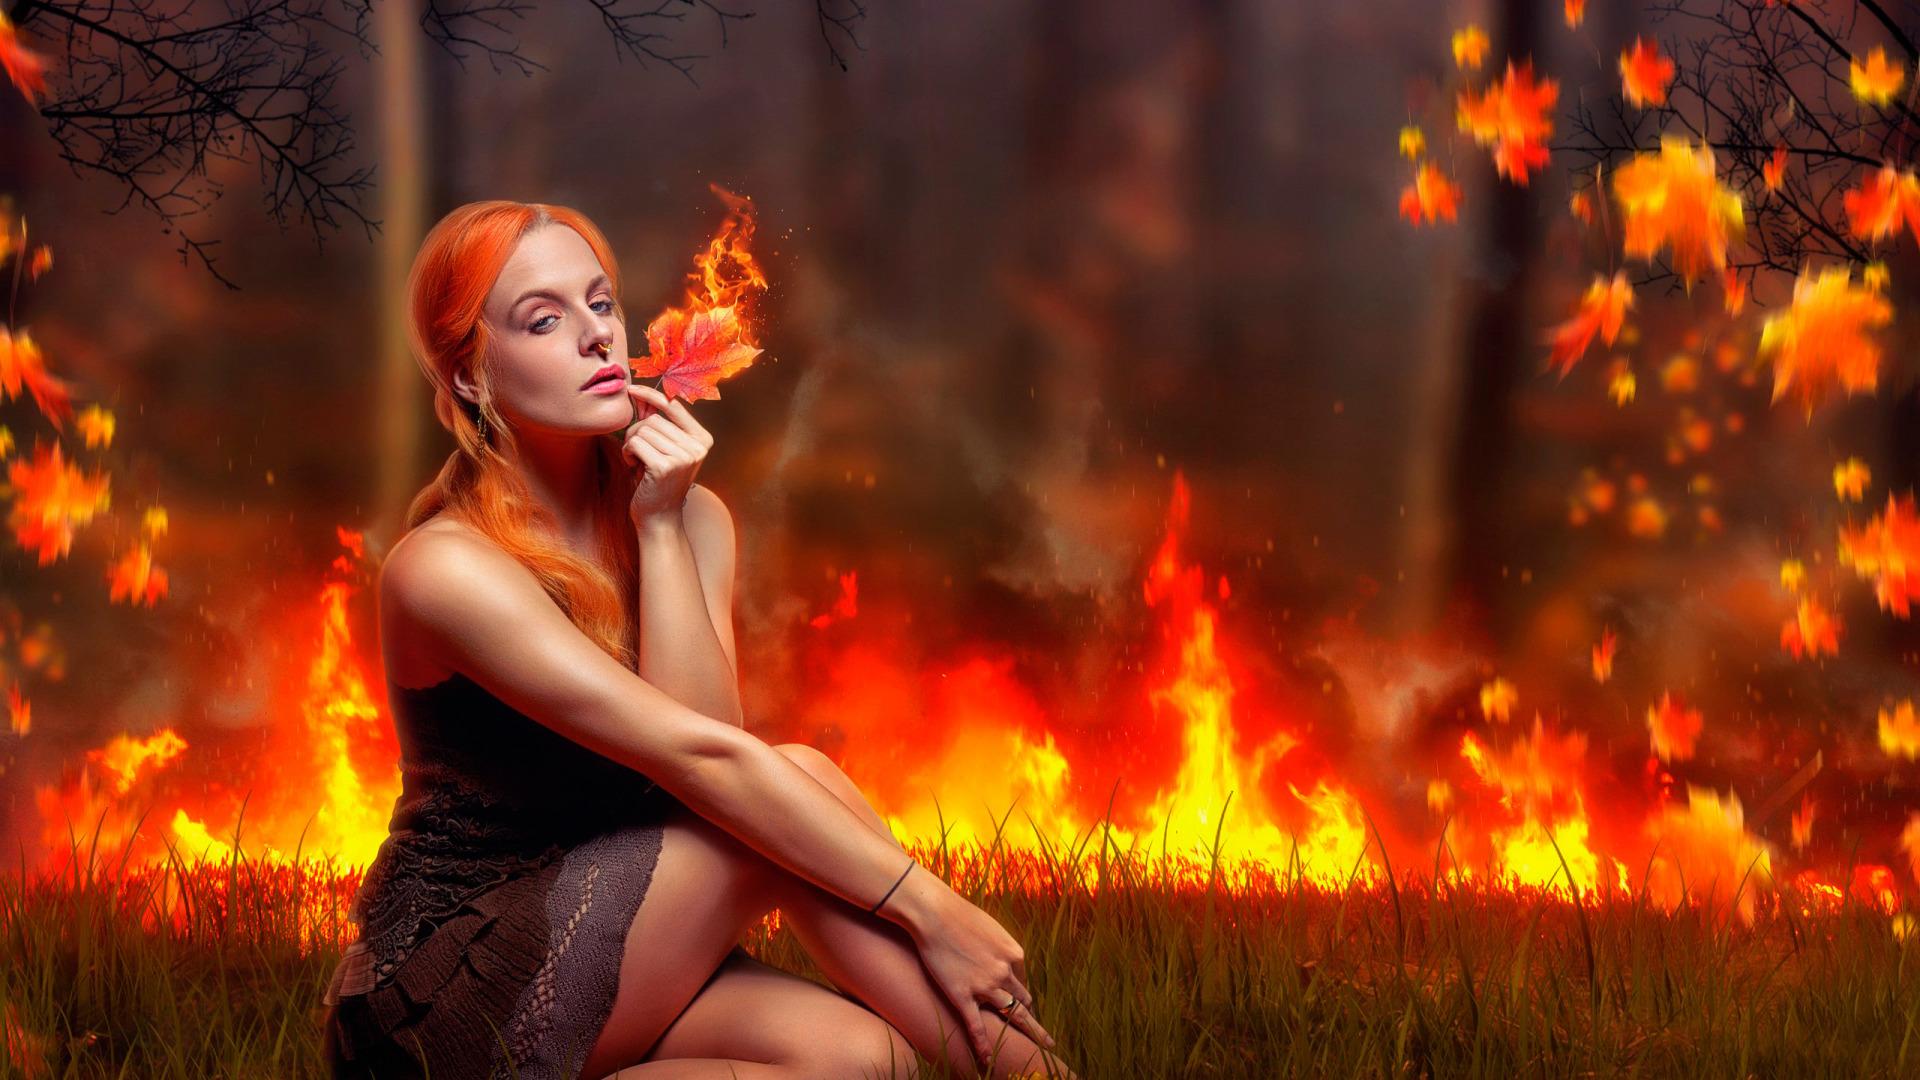 Картинки с девушками огненными